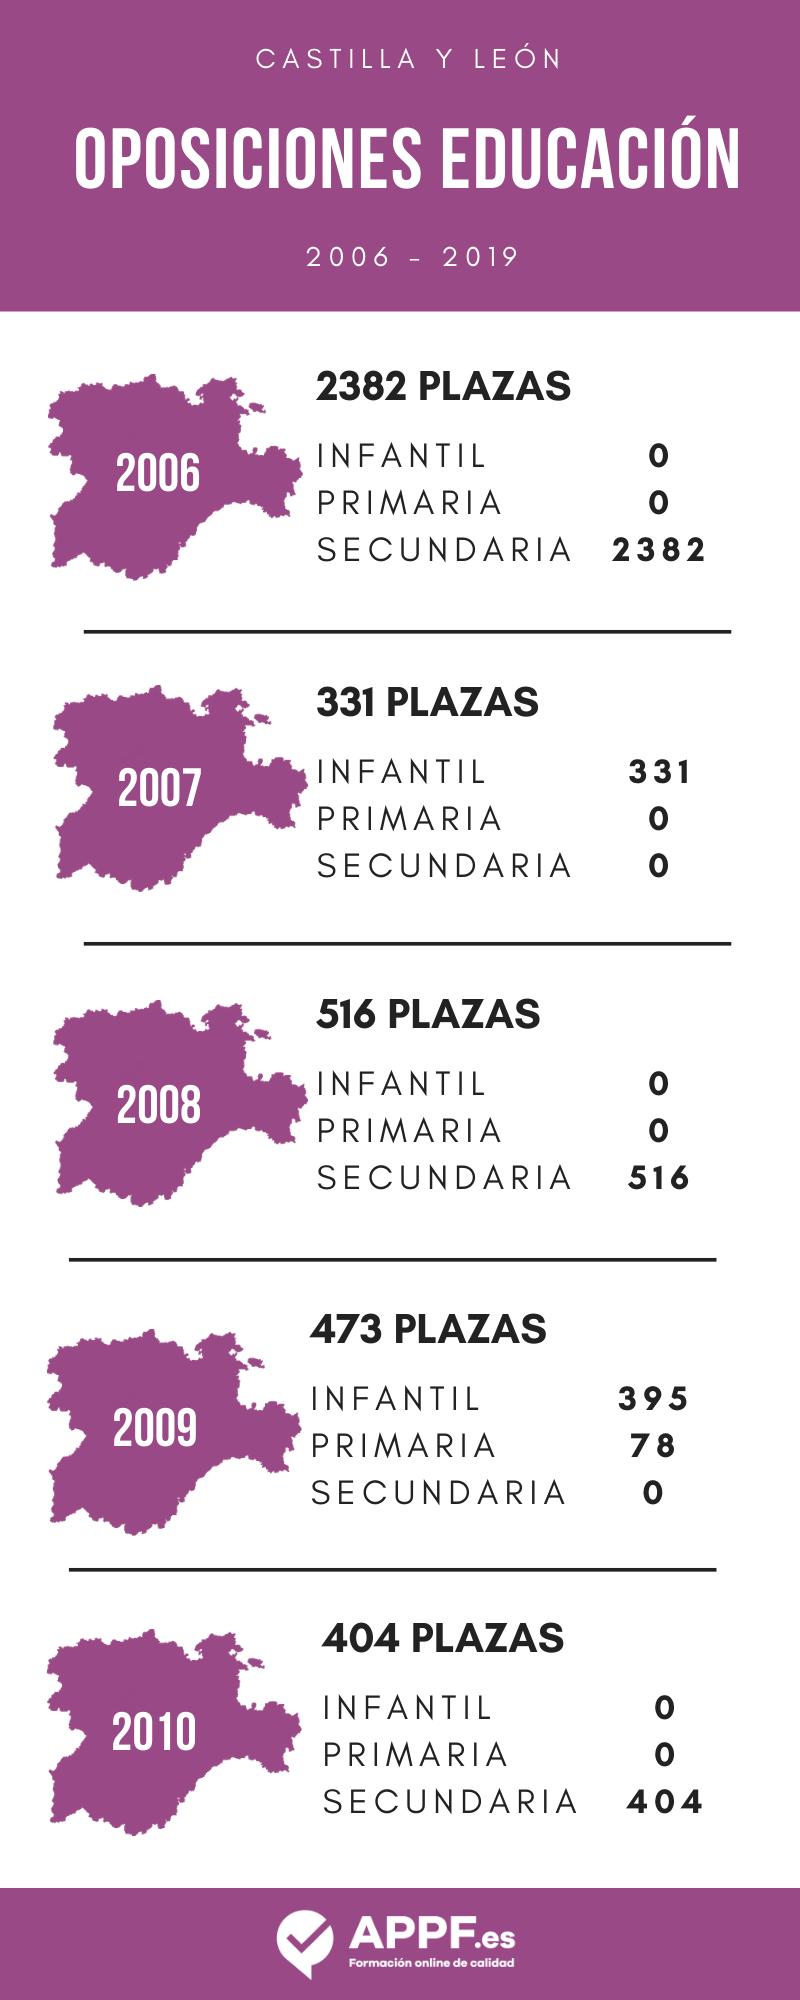 oposiciones de educación en Castilla y León